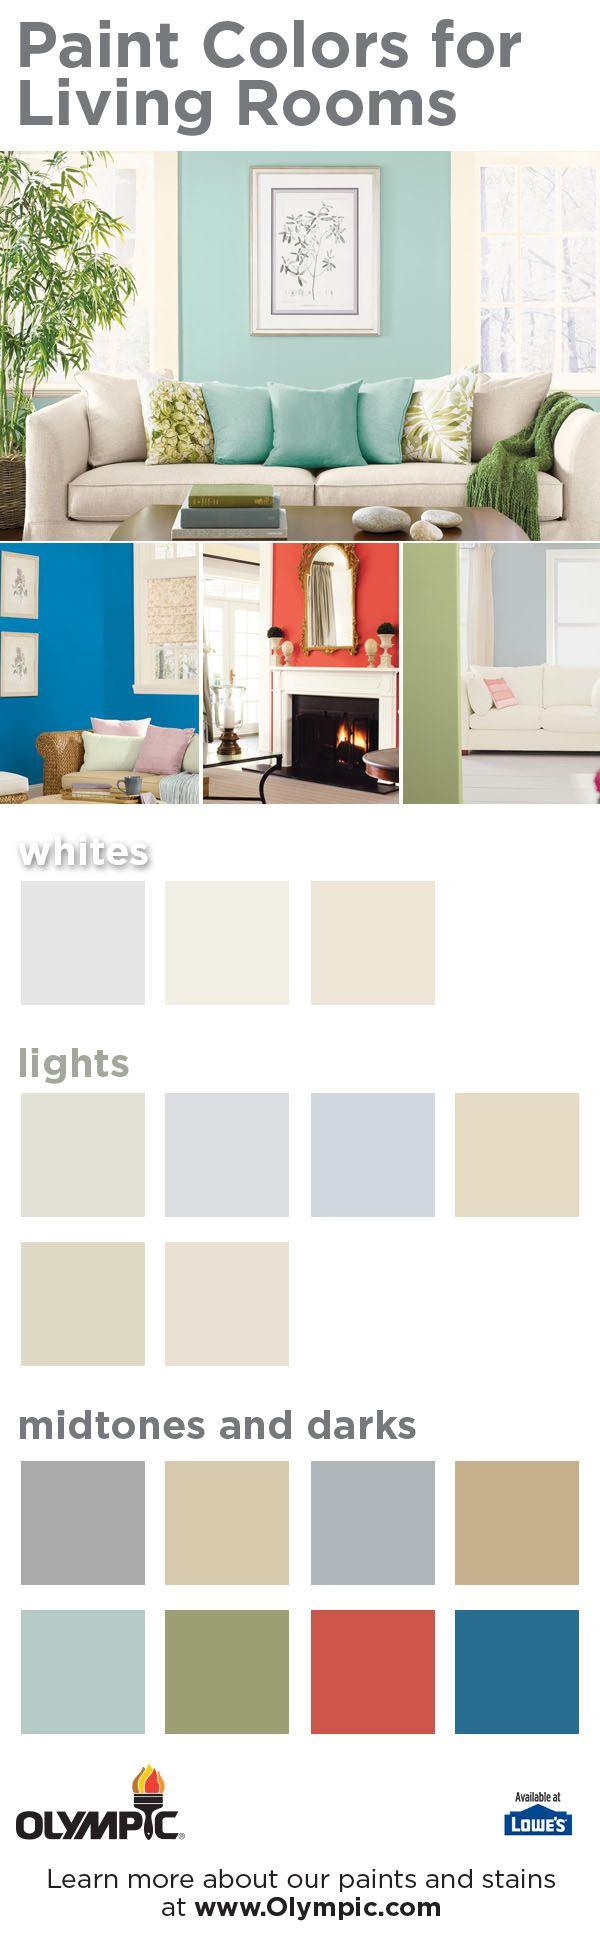 Paint Color Schemes Living Rooms 17 Best Images About Living Room Paint Color Schemes On Pinterest